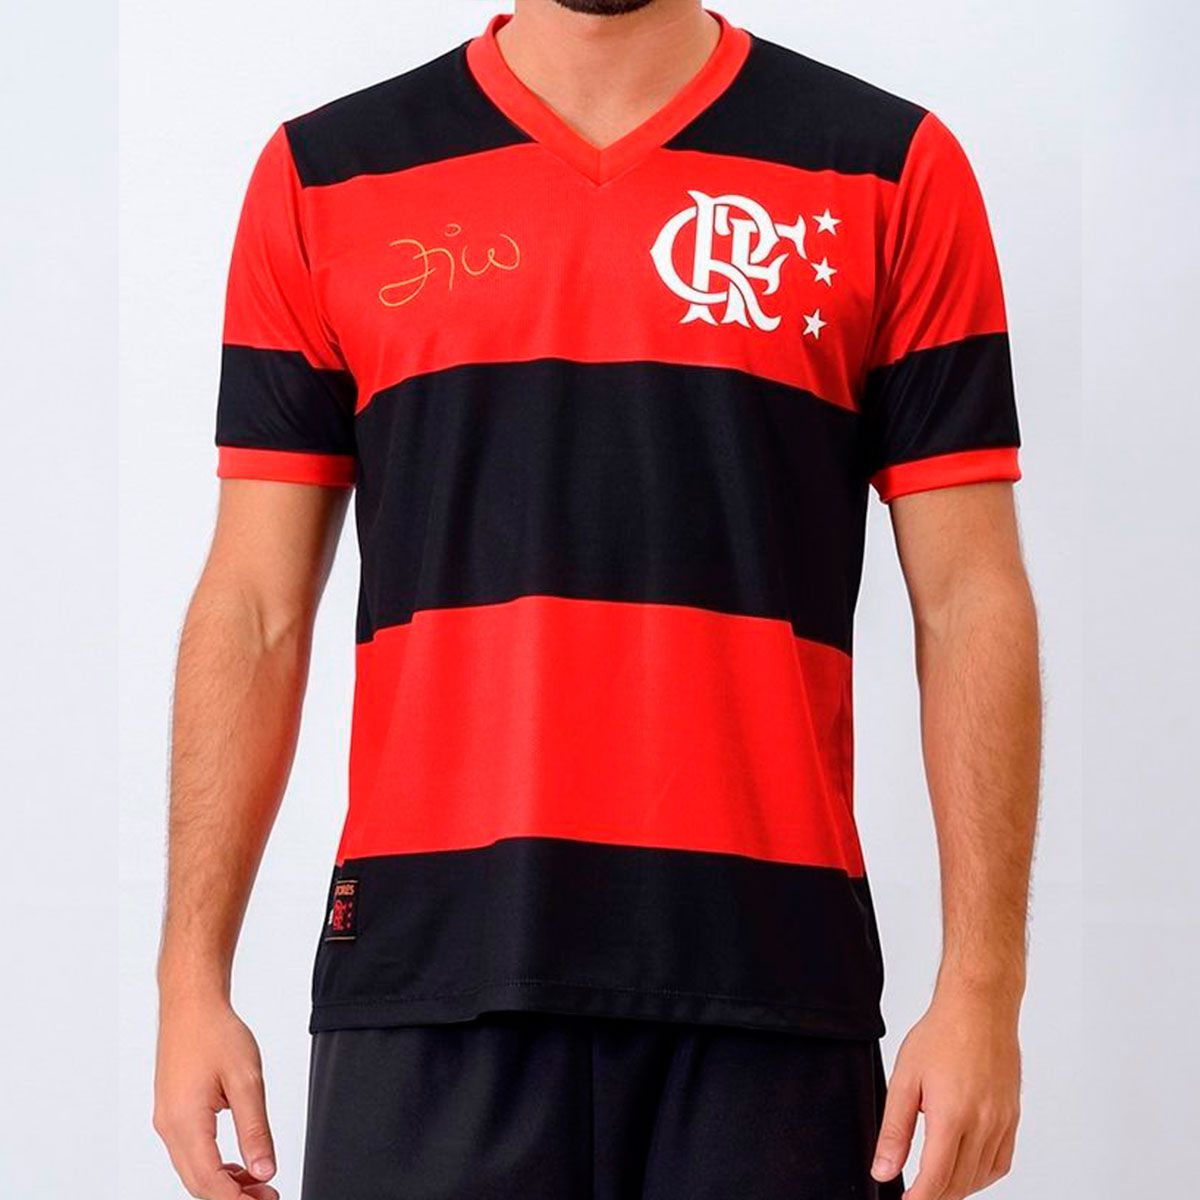 ab16326b7a Camisa Flamengo Libertadores Zico 81